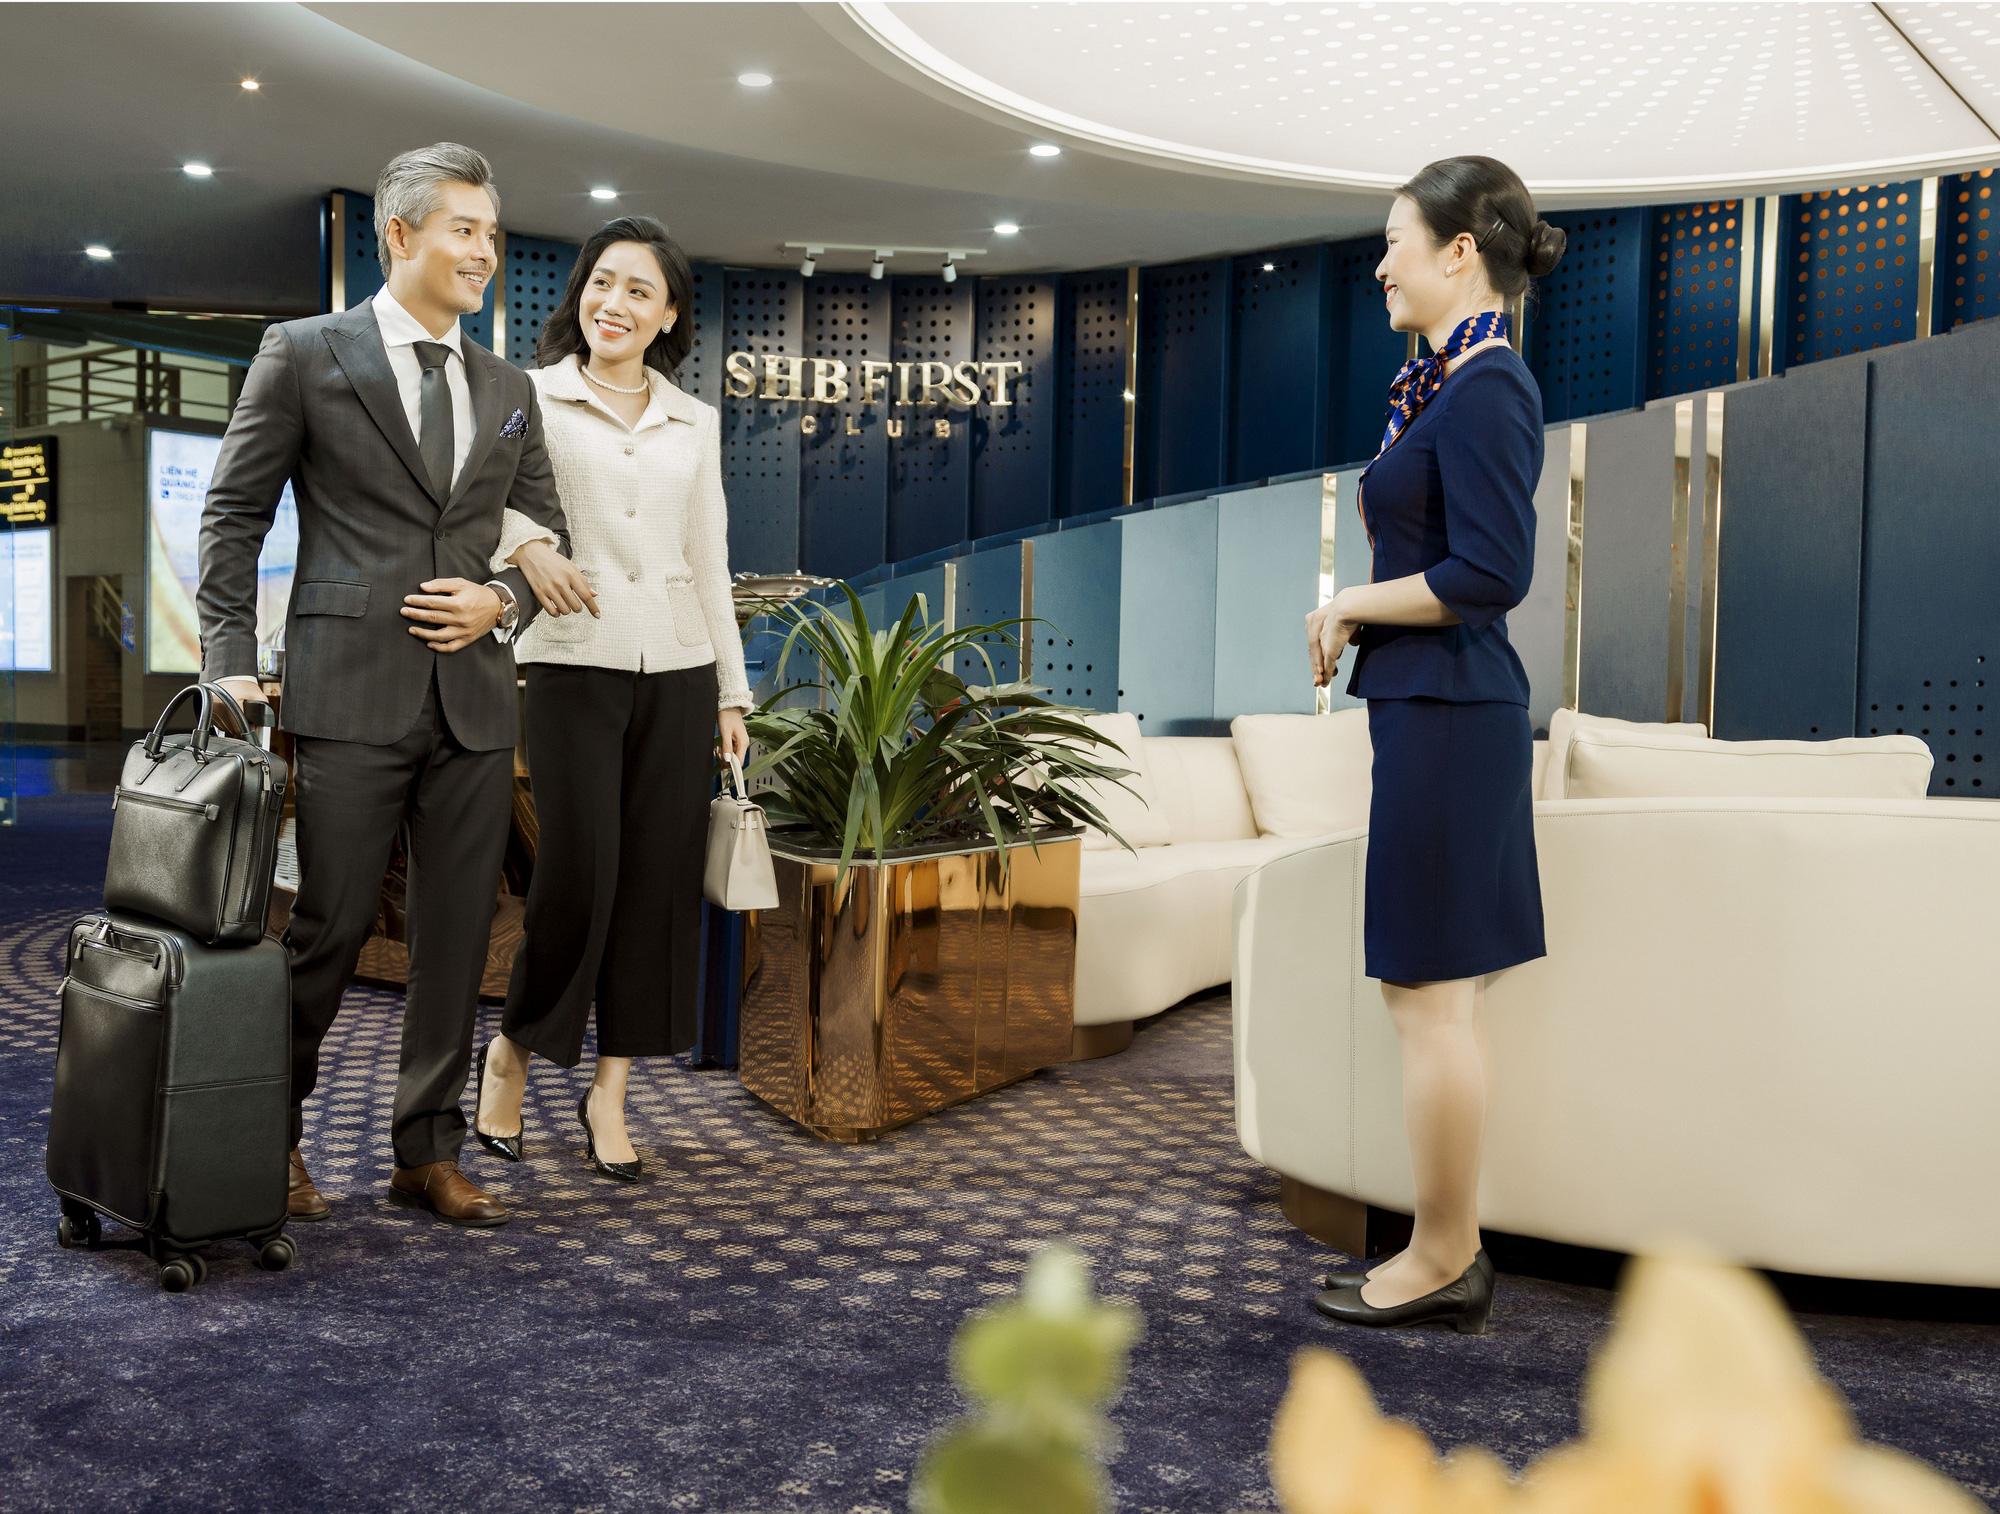 SHB First Club Nội Bài – phòng chờ sân bay mạ vàng 24K đầu tiên được ra mắt - Ảnh 2.